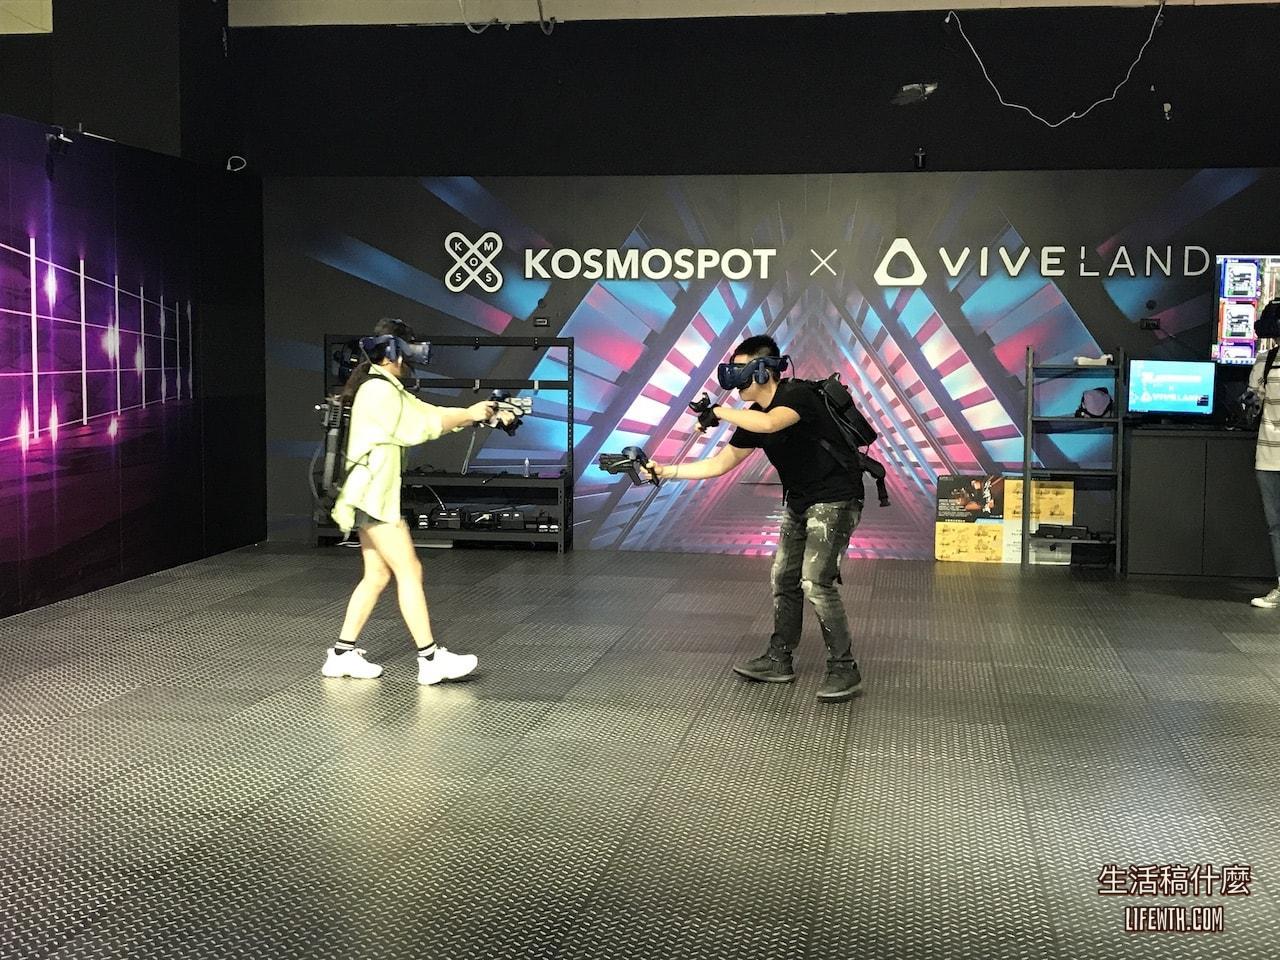 高雄大魯閣草衙道VR虛擬實境樂園/恐龍突擊隊